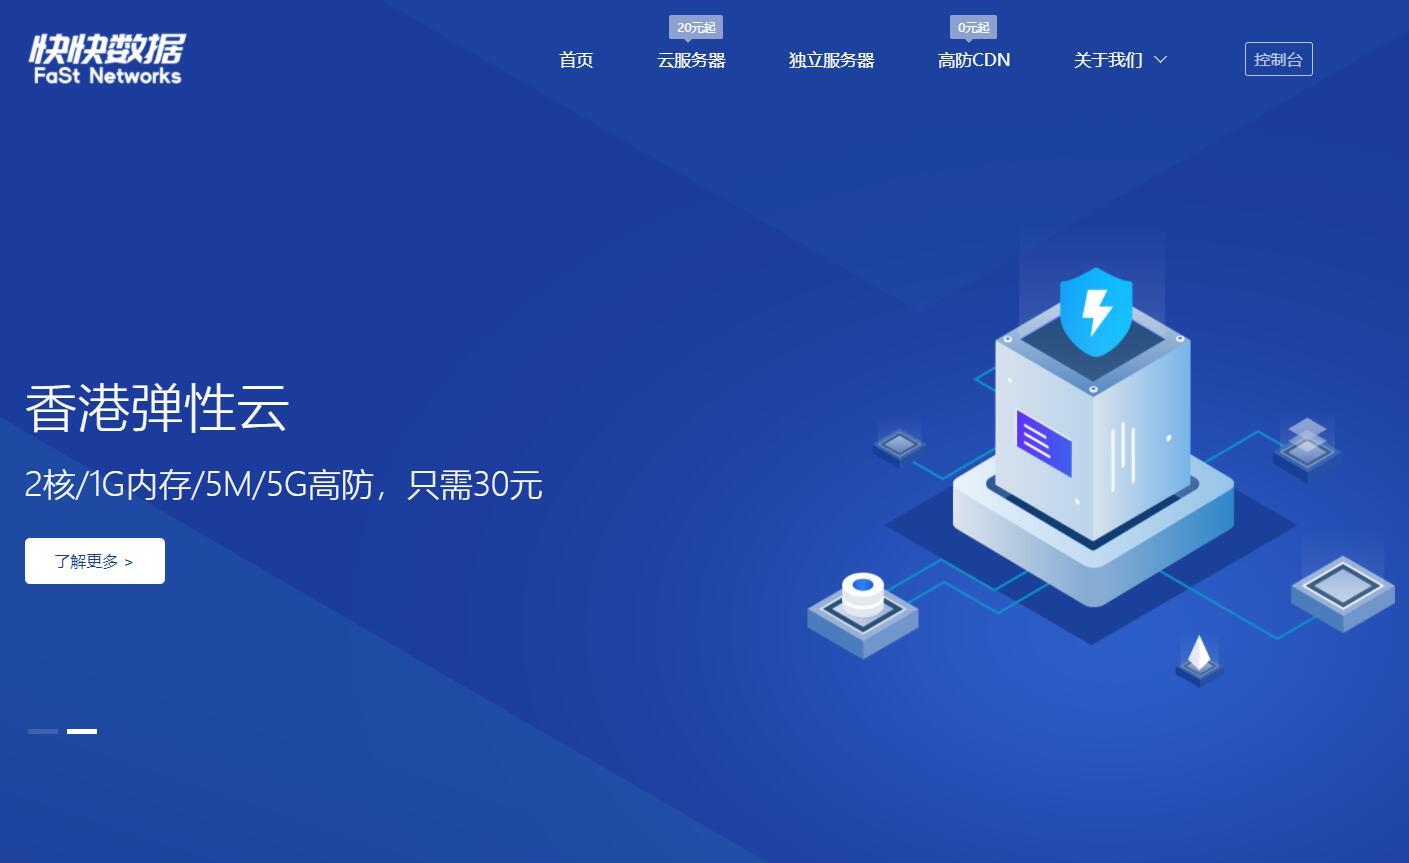 快快数据香港VPS测评介绍